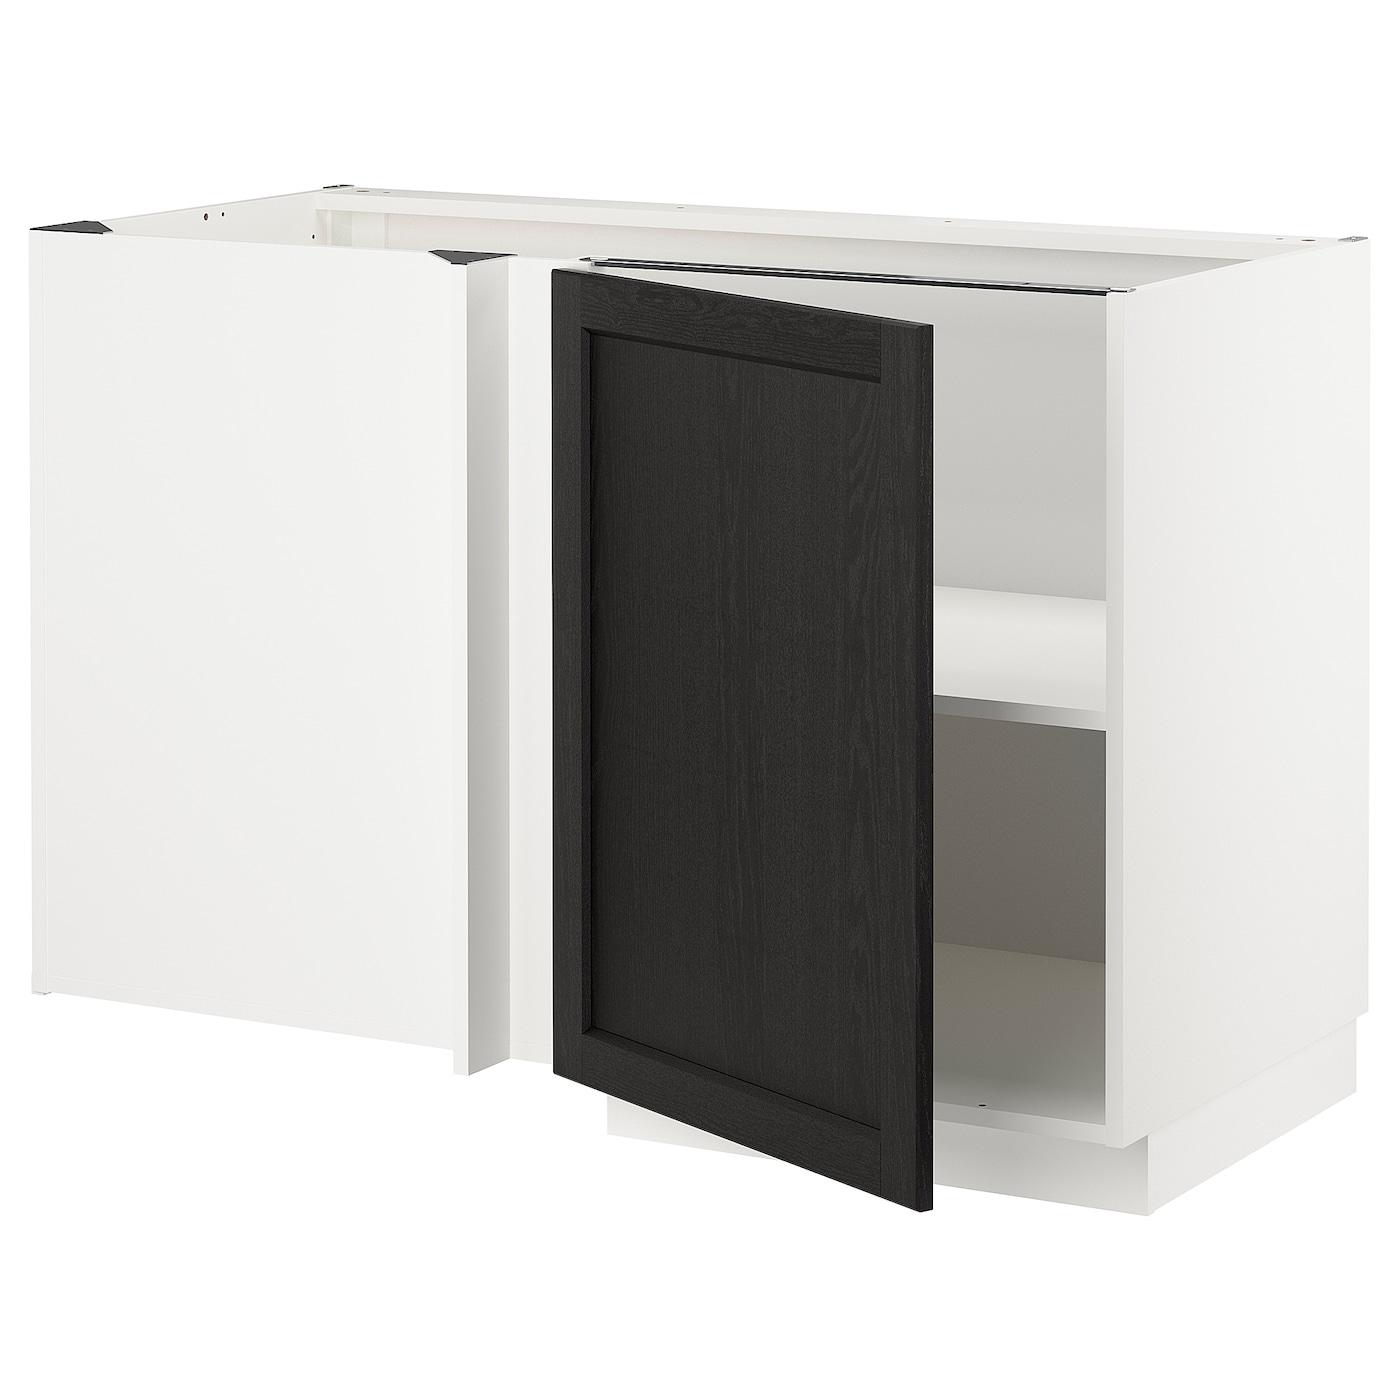 Ikea metod corner base cabinet with shelf adjustable shelf adapt spacing according to need